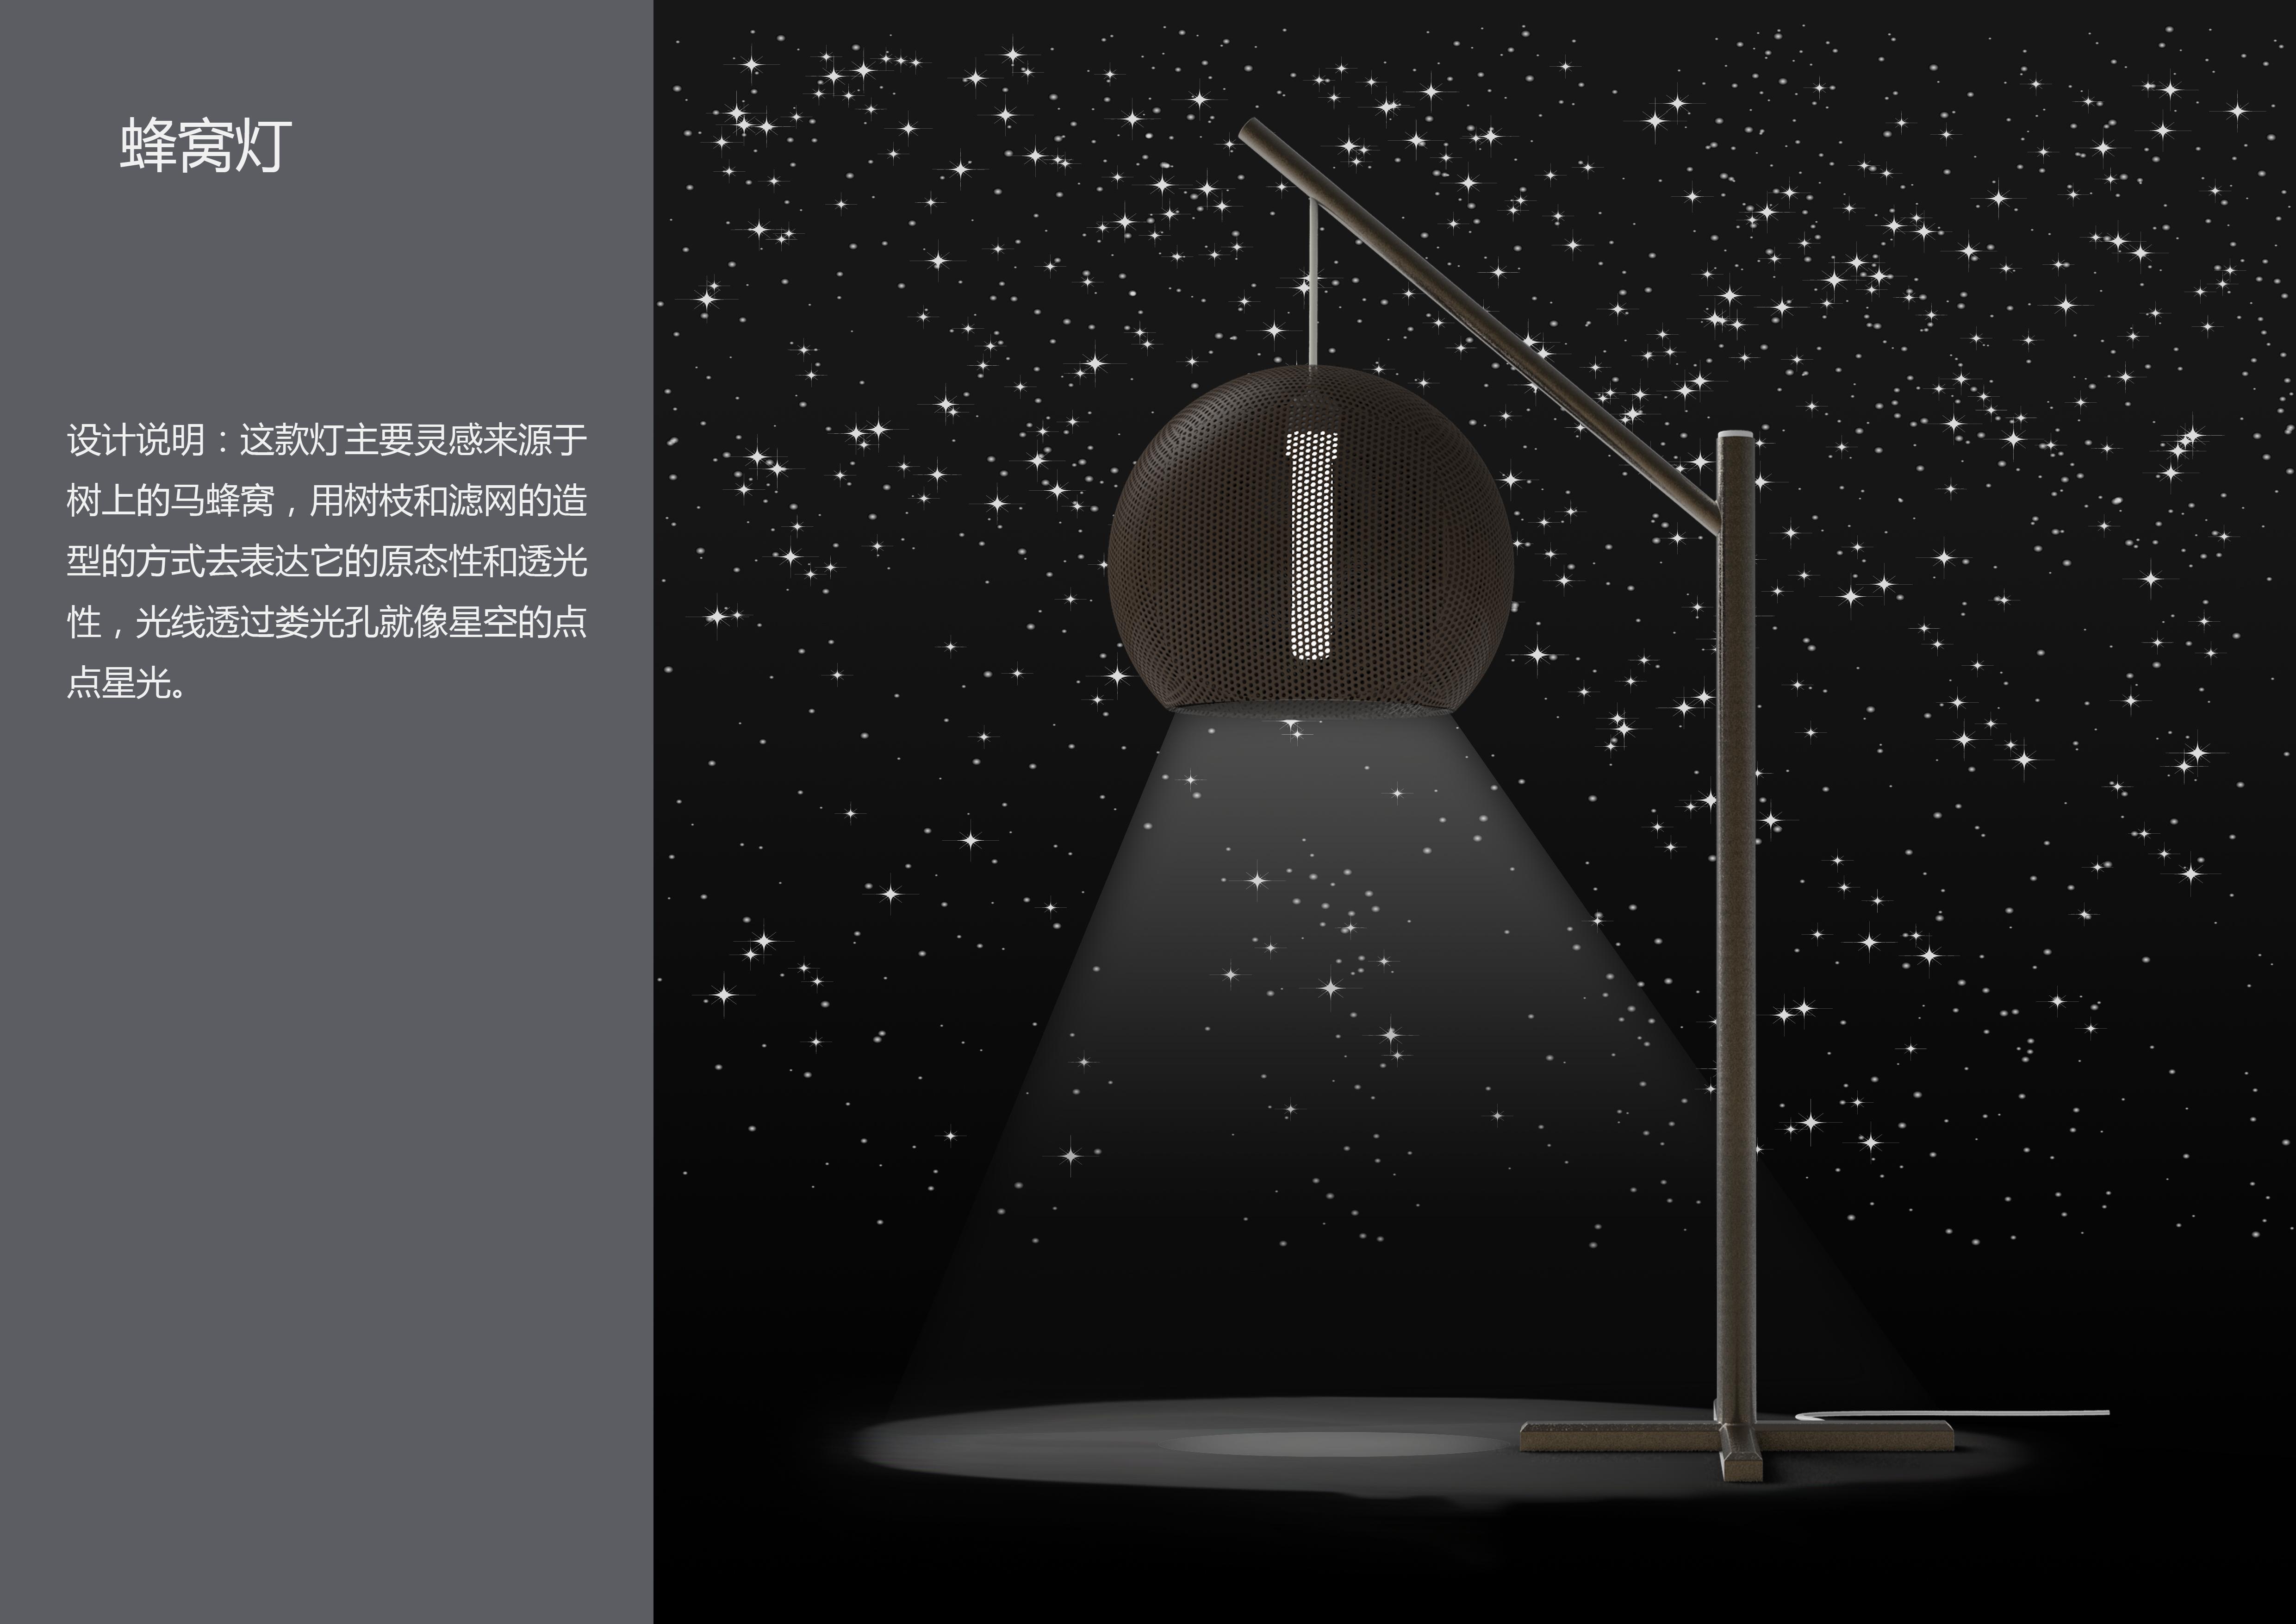 灯具设计-生活用品-工业-设计作品-中国设计之窗